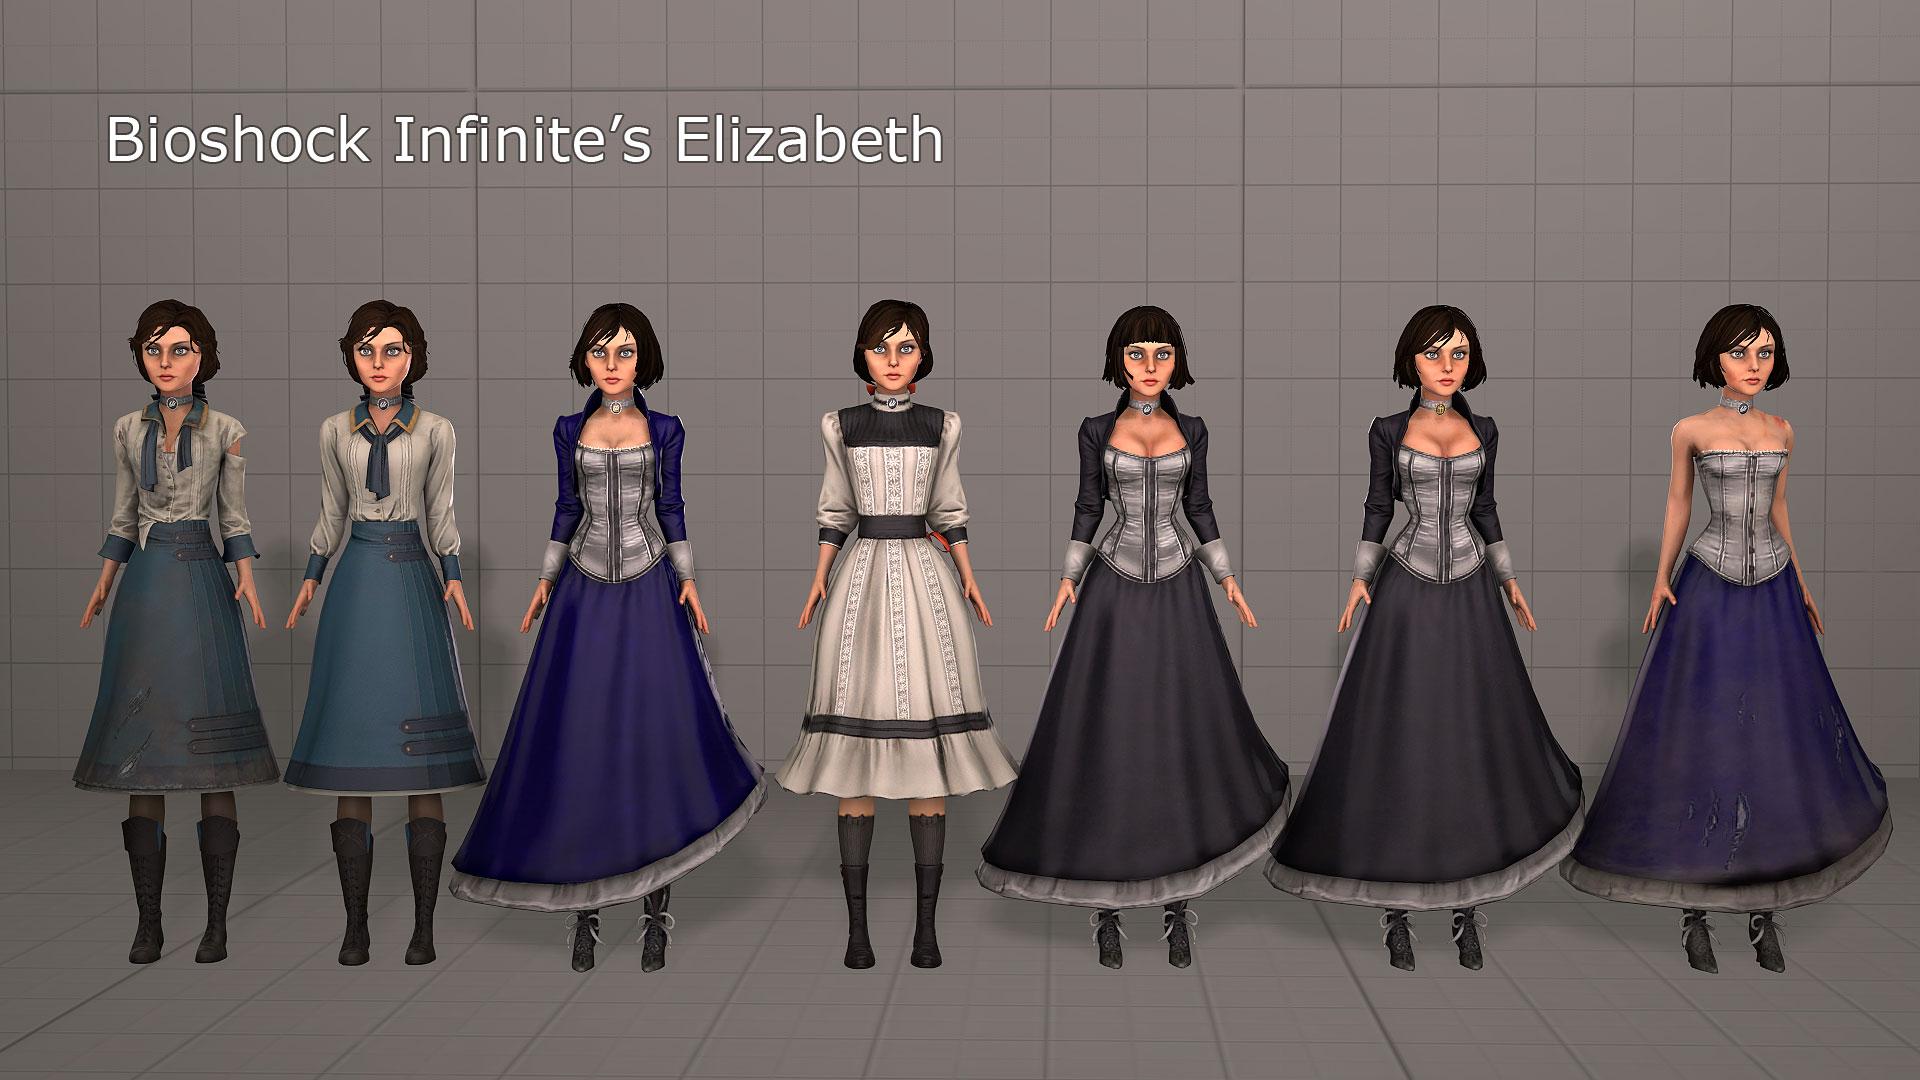 Image bioshock wiki fandom powered by wikia - Bioshock wikia ...